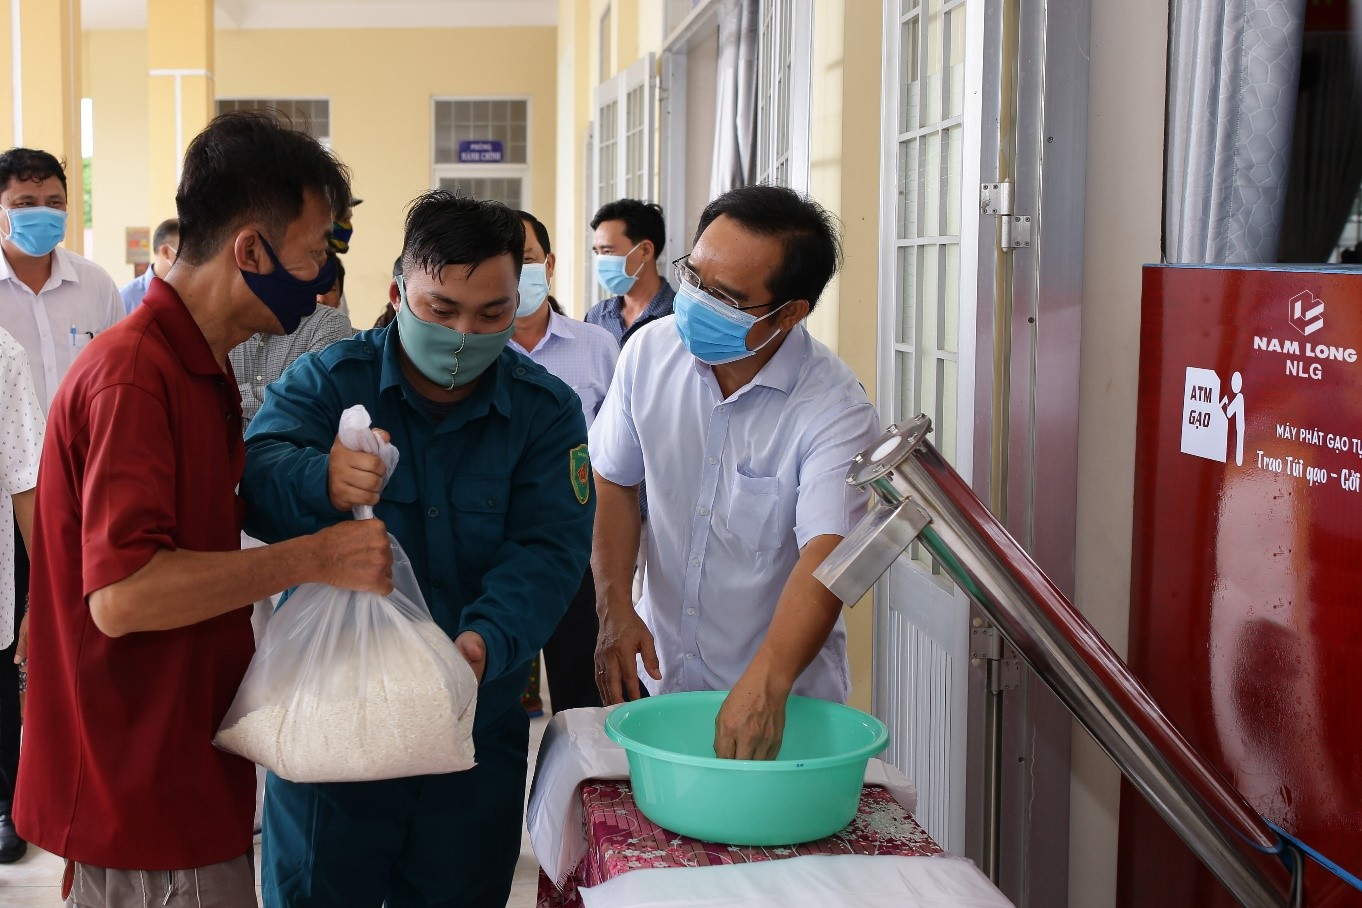 Tập đoàn Nam Long hỗ trợ hệ thống ATM gạo tại tỉnh Long An, tiếp sức cộng đồng cùng vượt khó 6